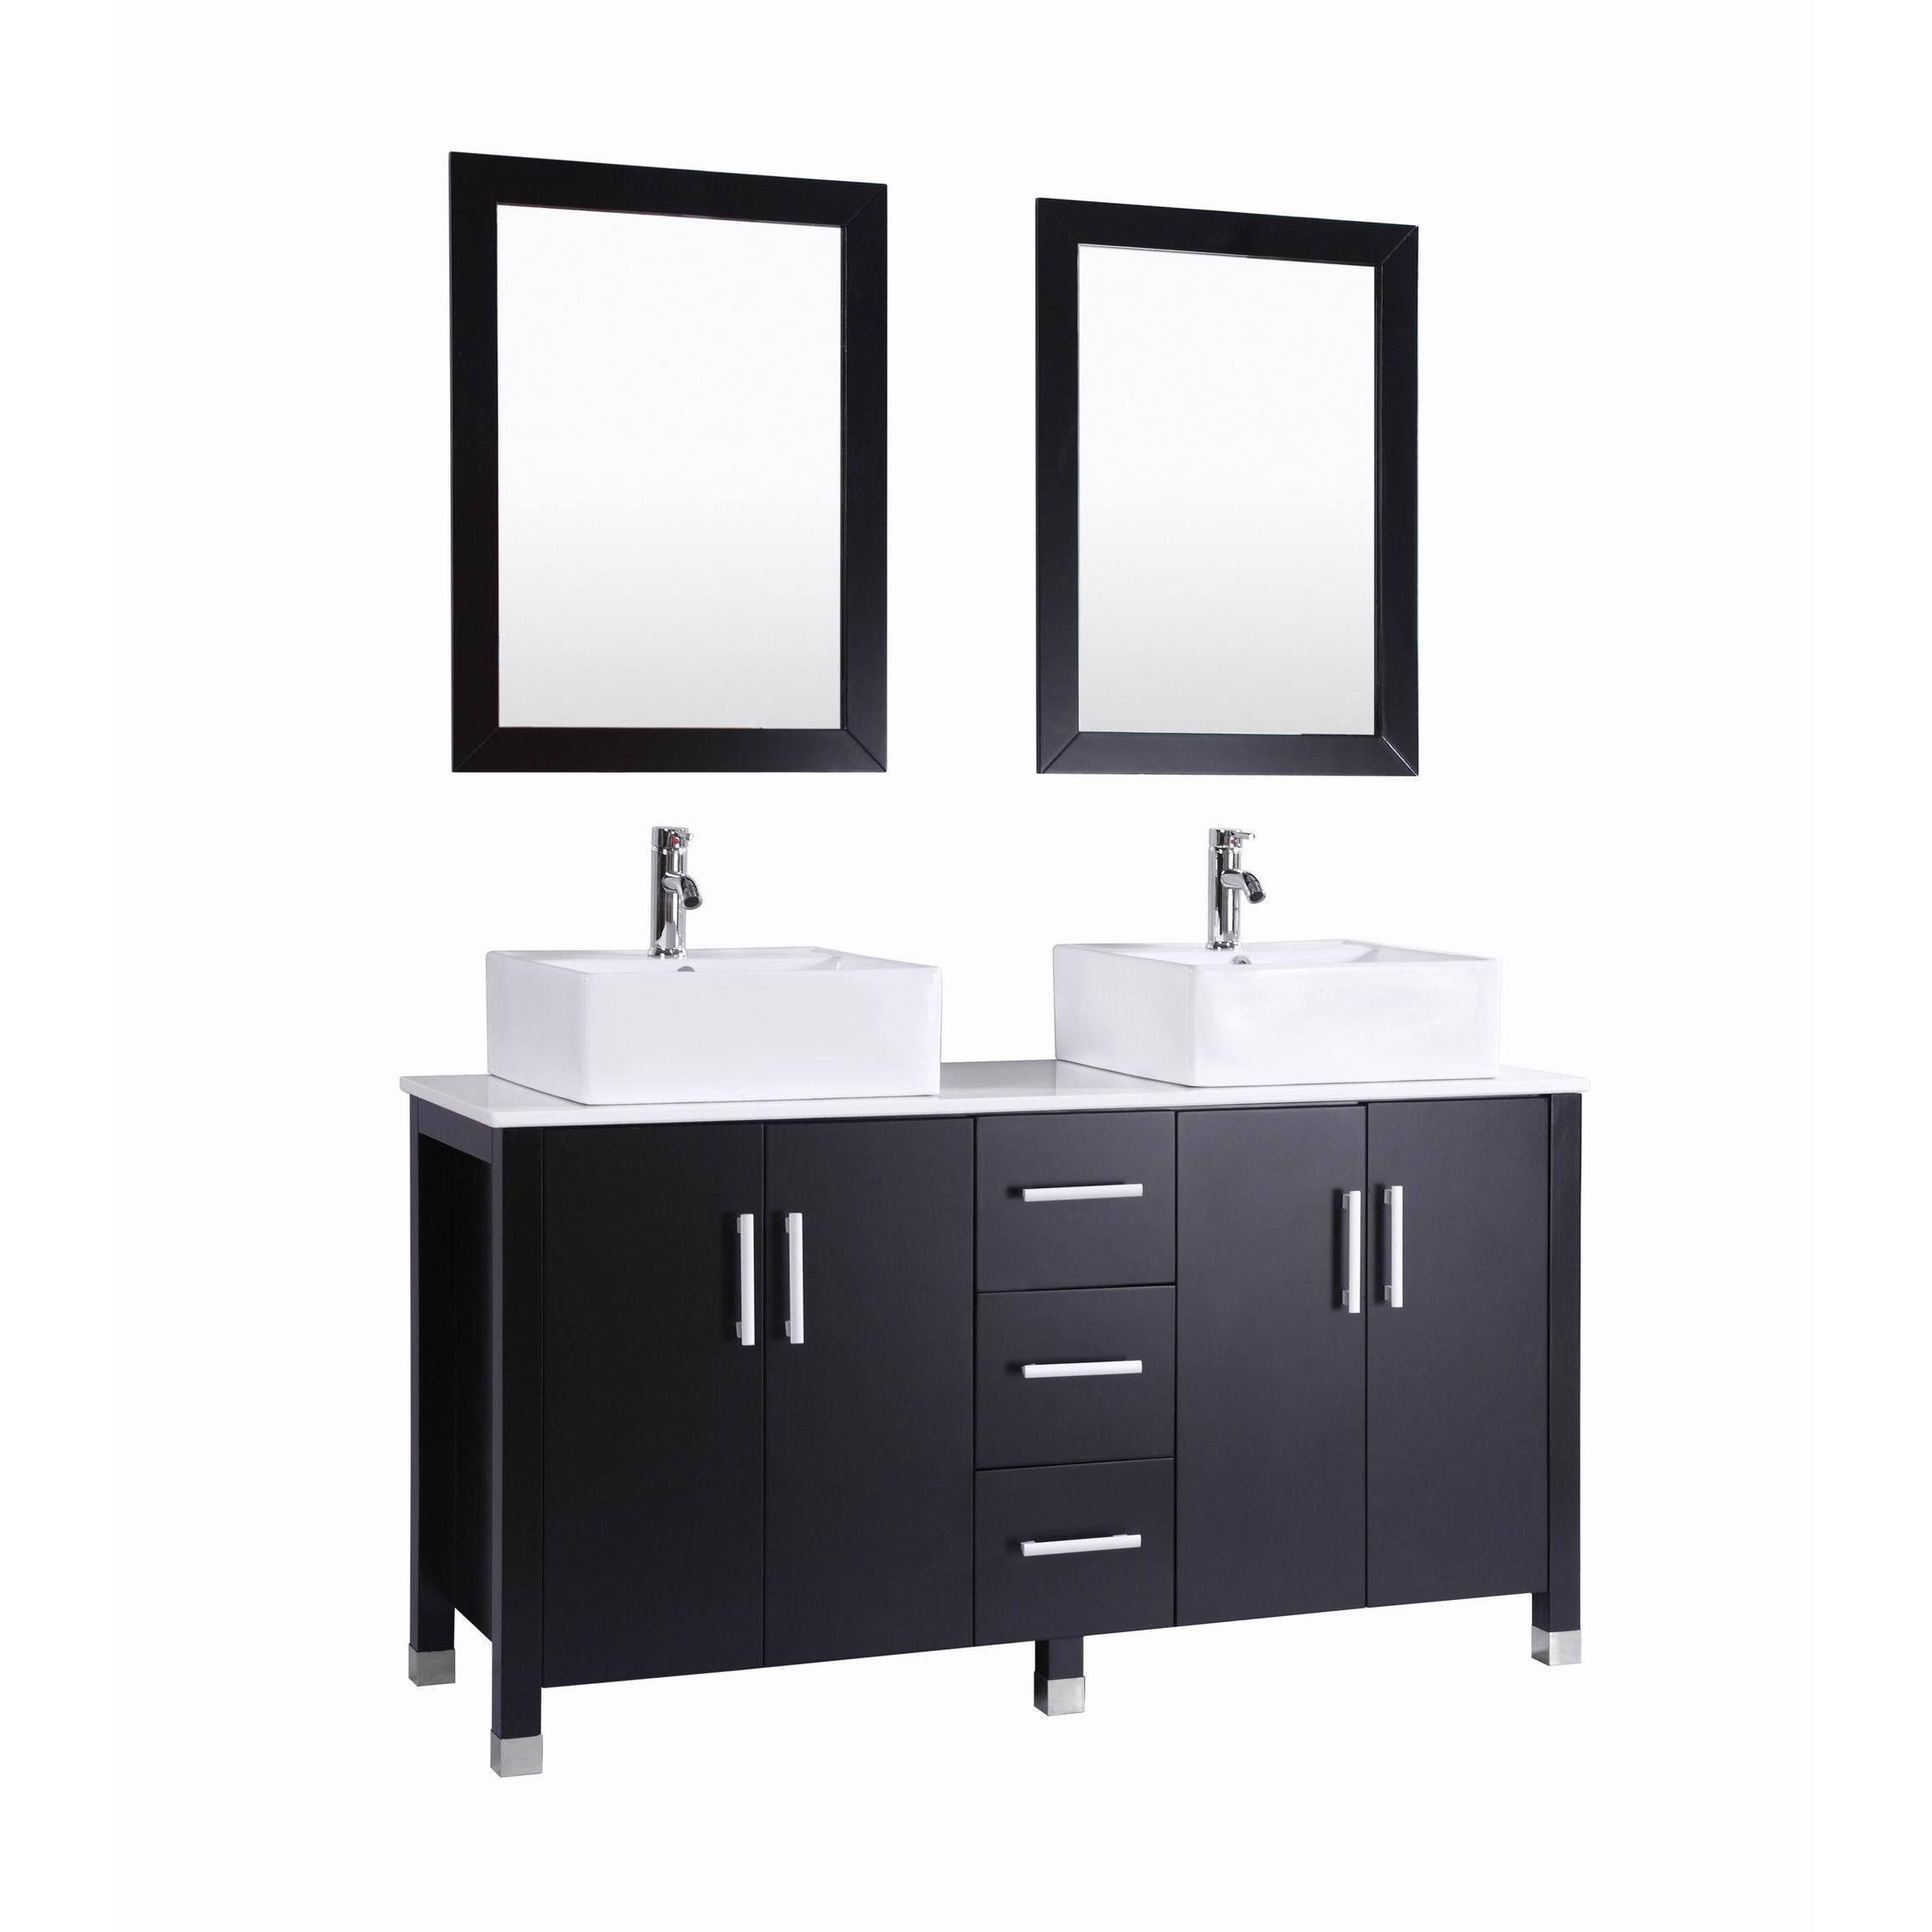 60 inch Belvedere Modern Espresso (Brown) Double Vessel Sink Bathroom Vanity (Espresso), Size Double Vanities